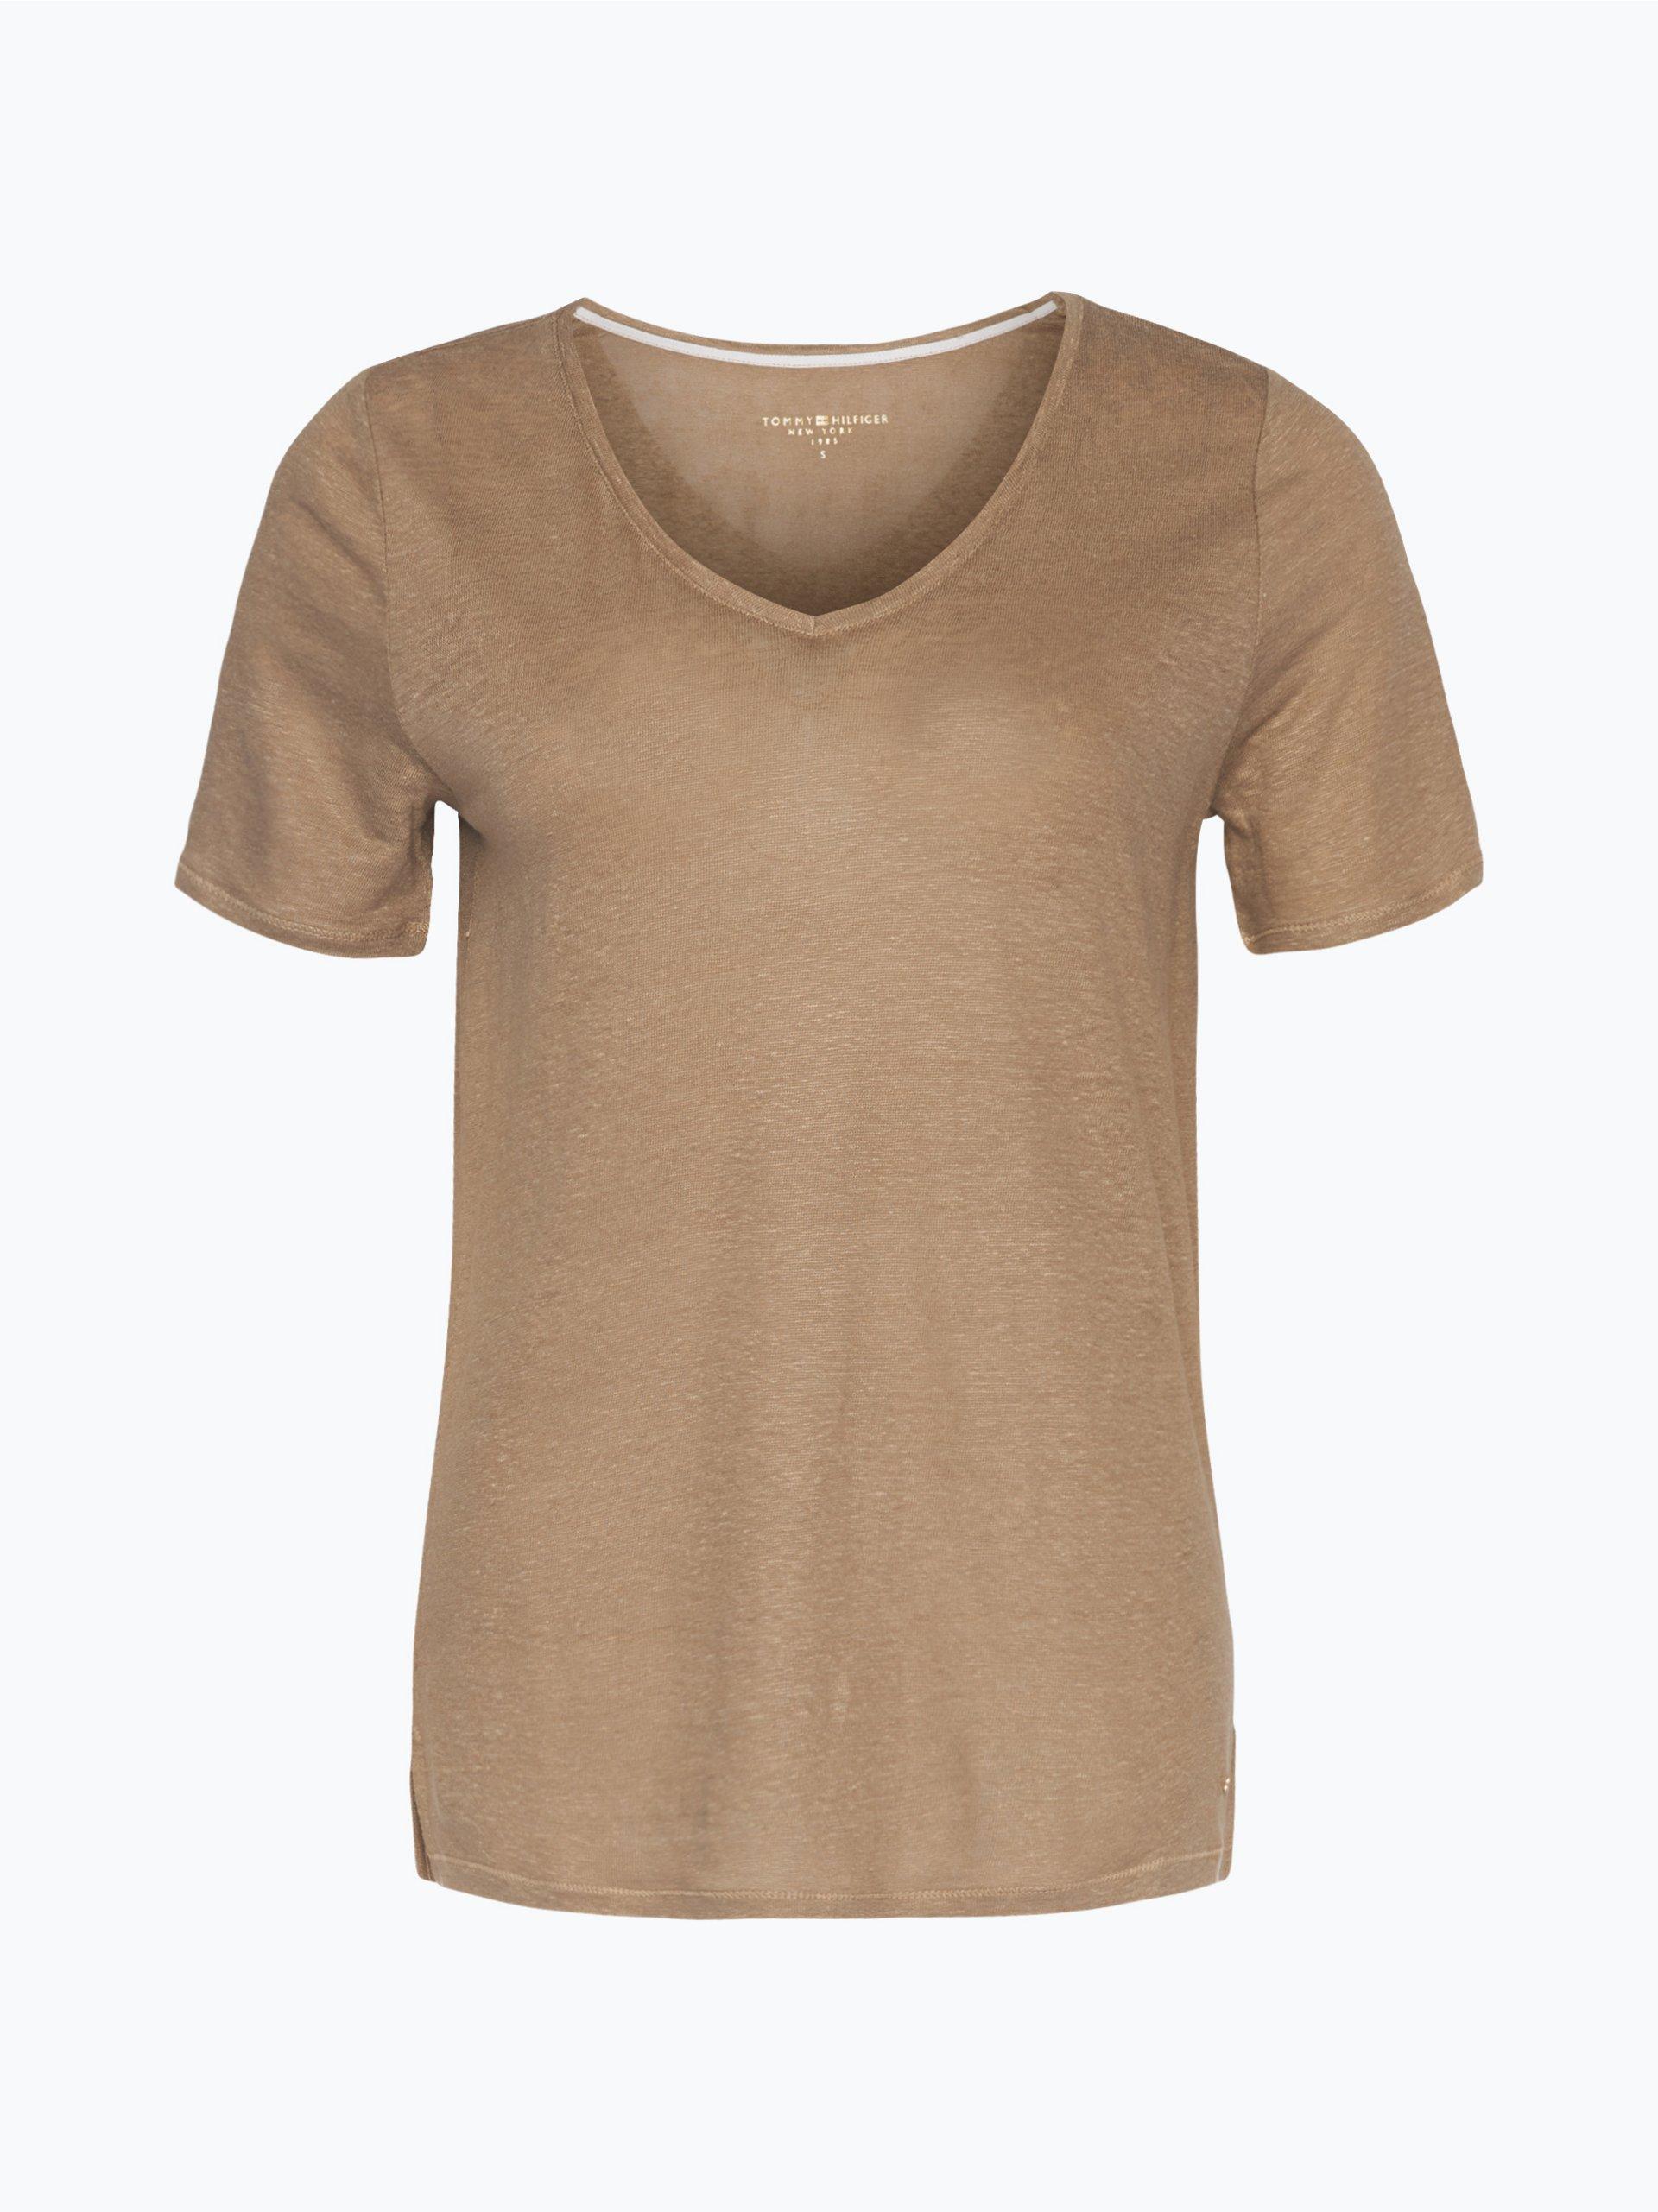 tommy hilfiger damen t shirt aus leinen clarissa taupe. Black Bedroom Furniture Sets. Home Design Ideas